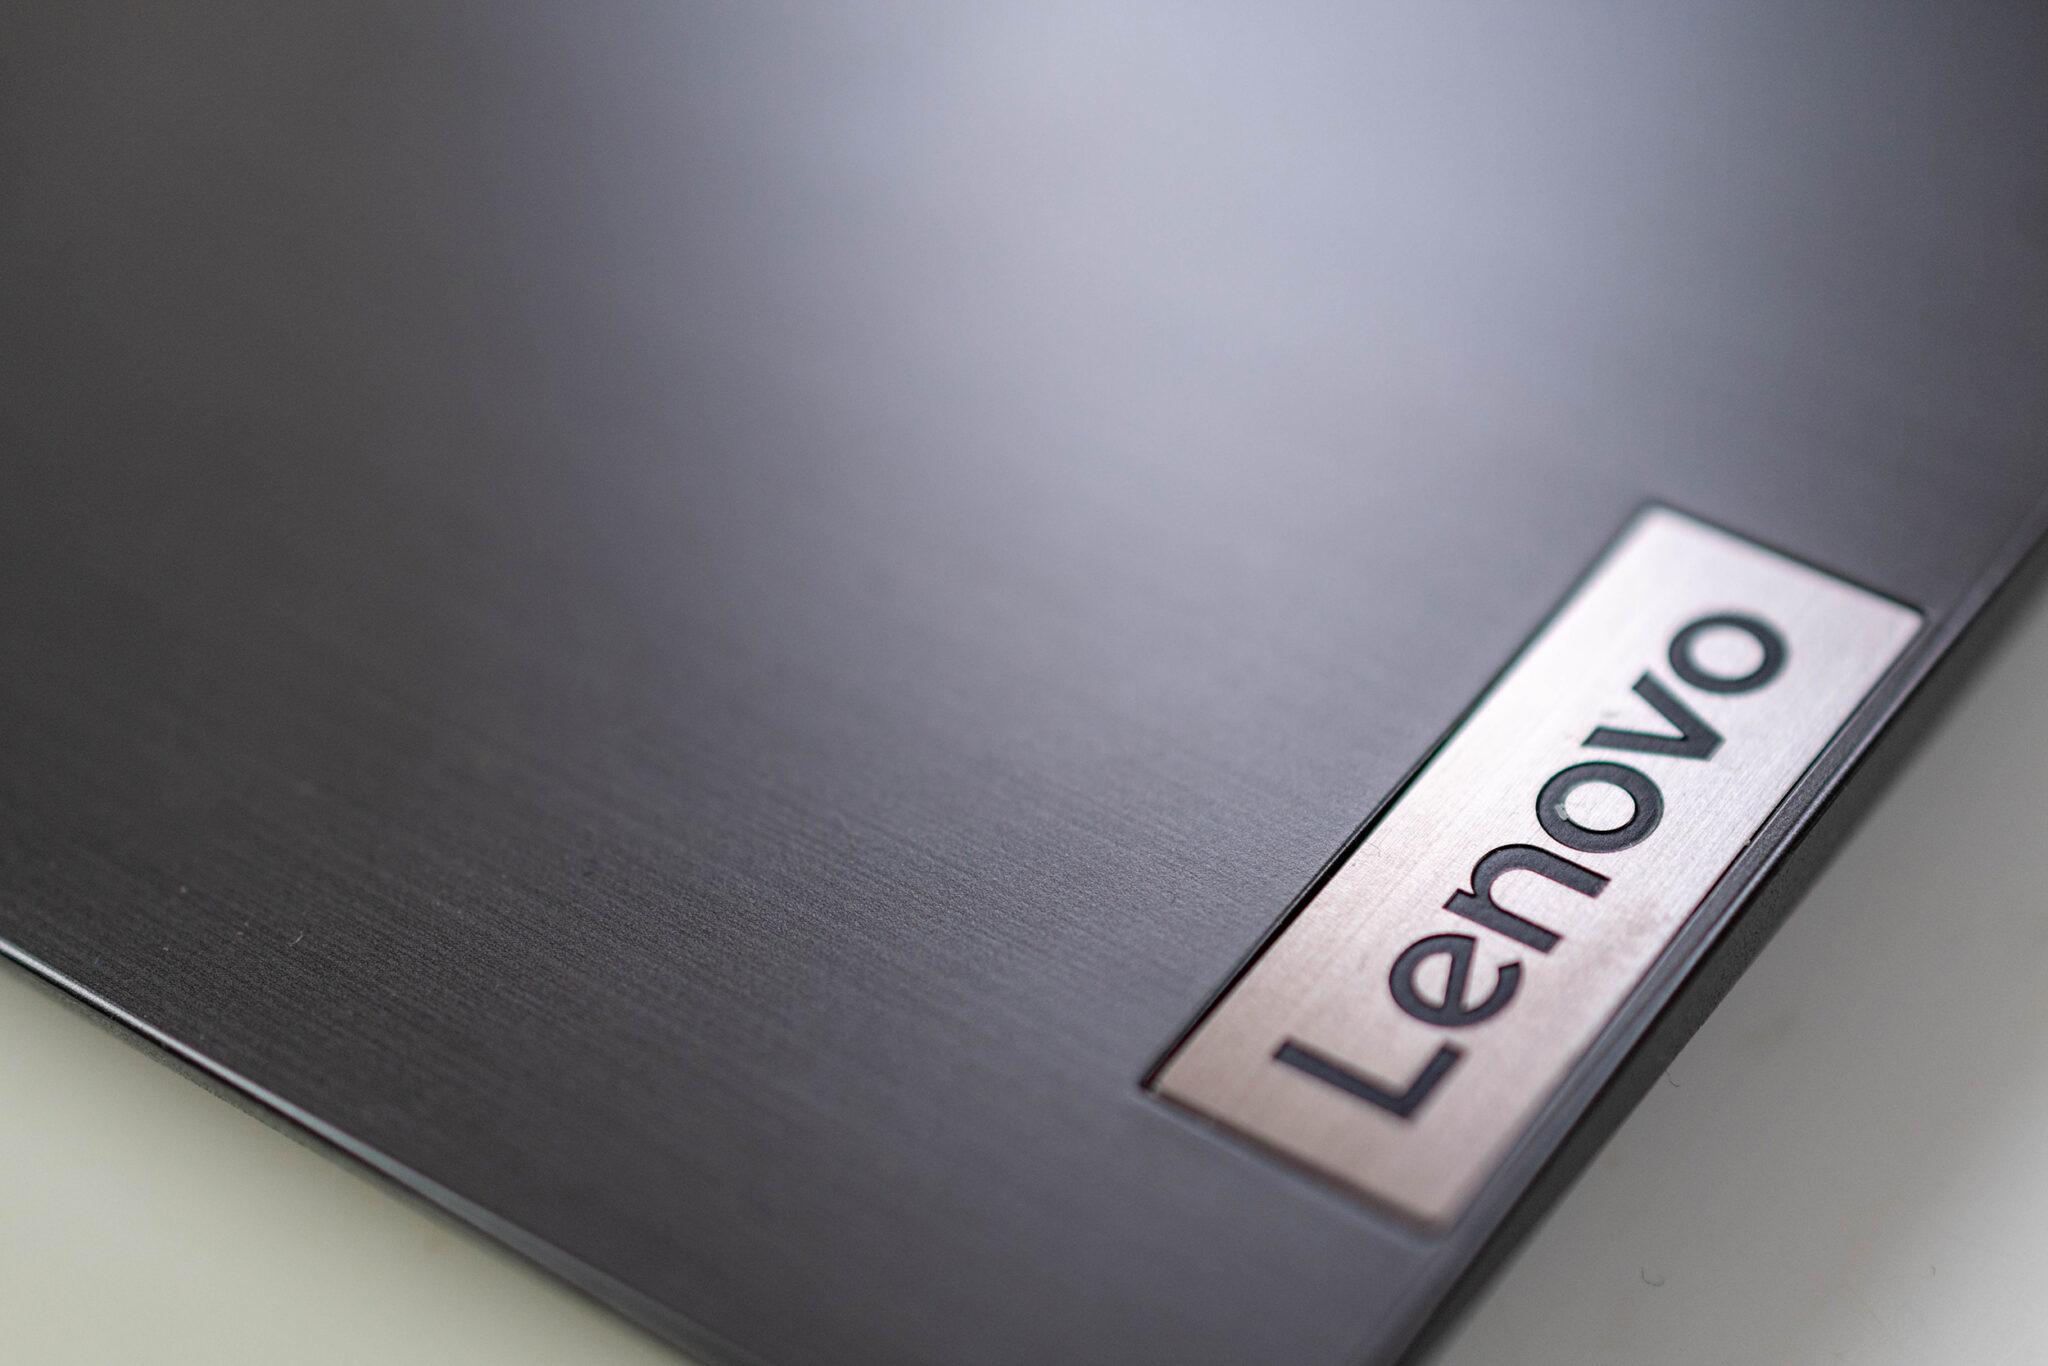 Das Design des Lenovo V17 ist schlicht